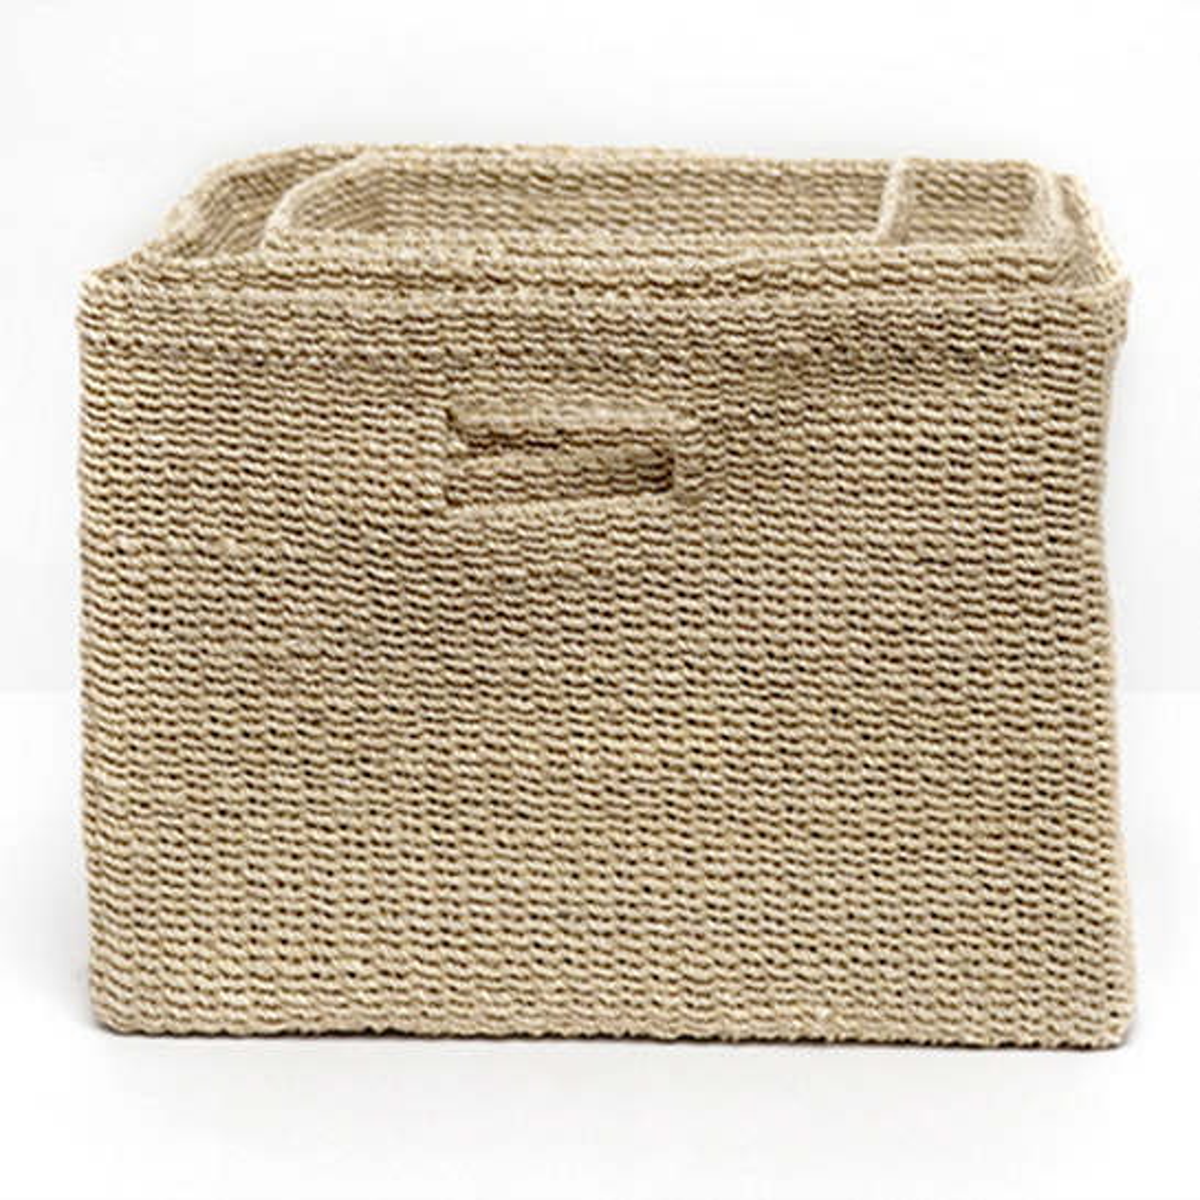 Bleached Lindon Baskets/Set Of 3